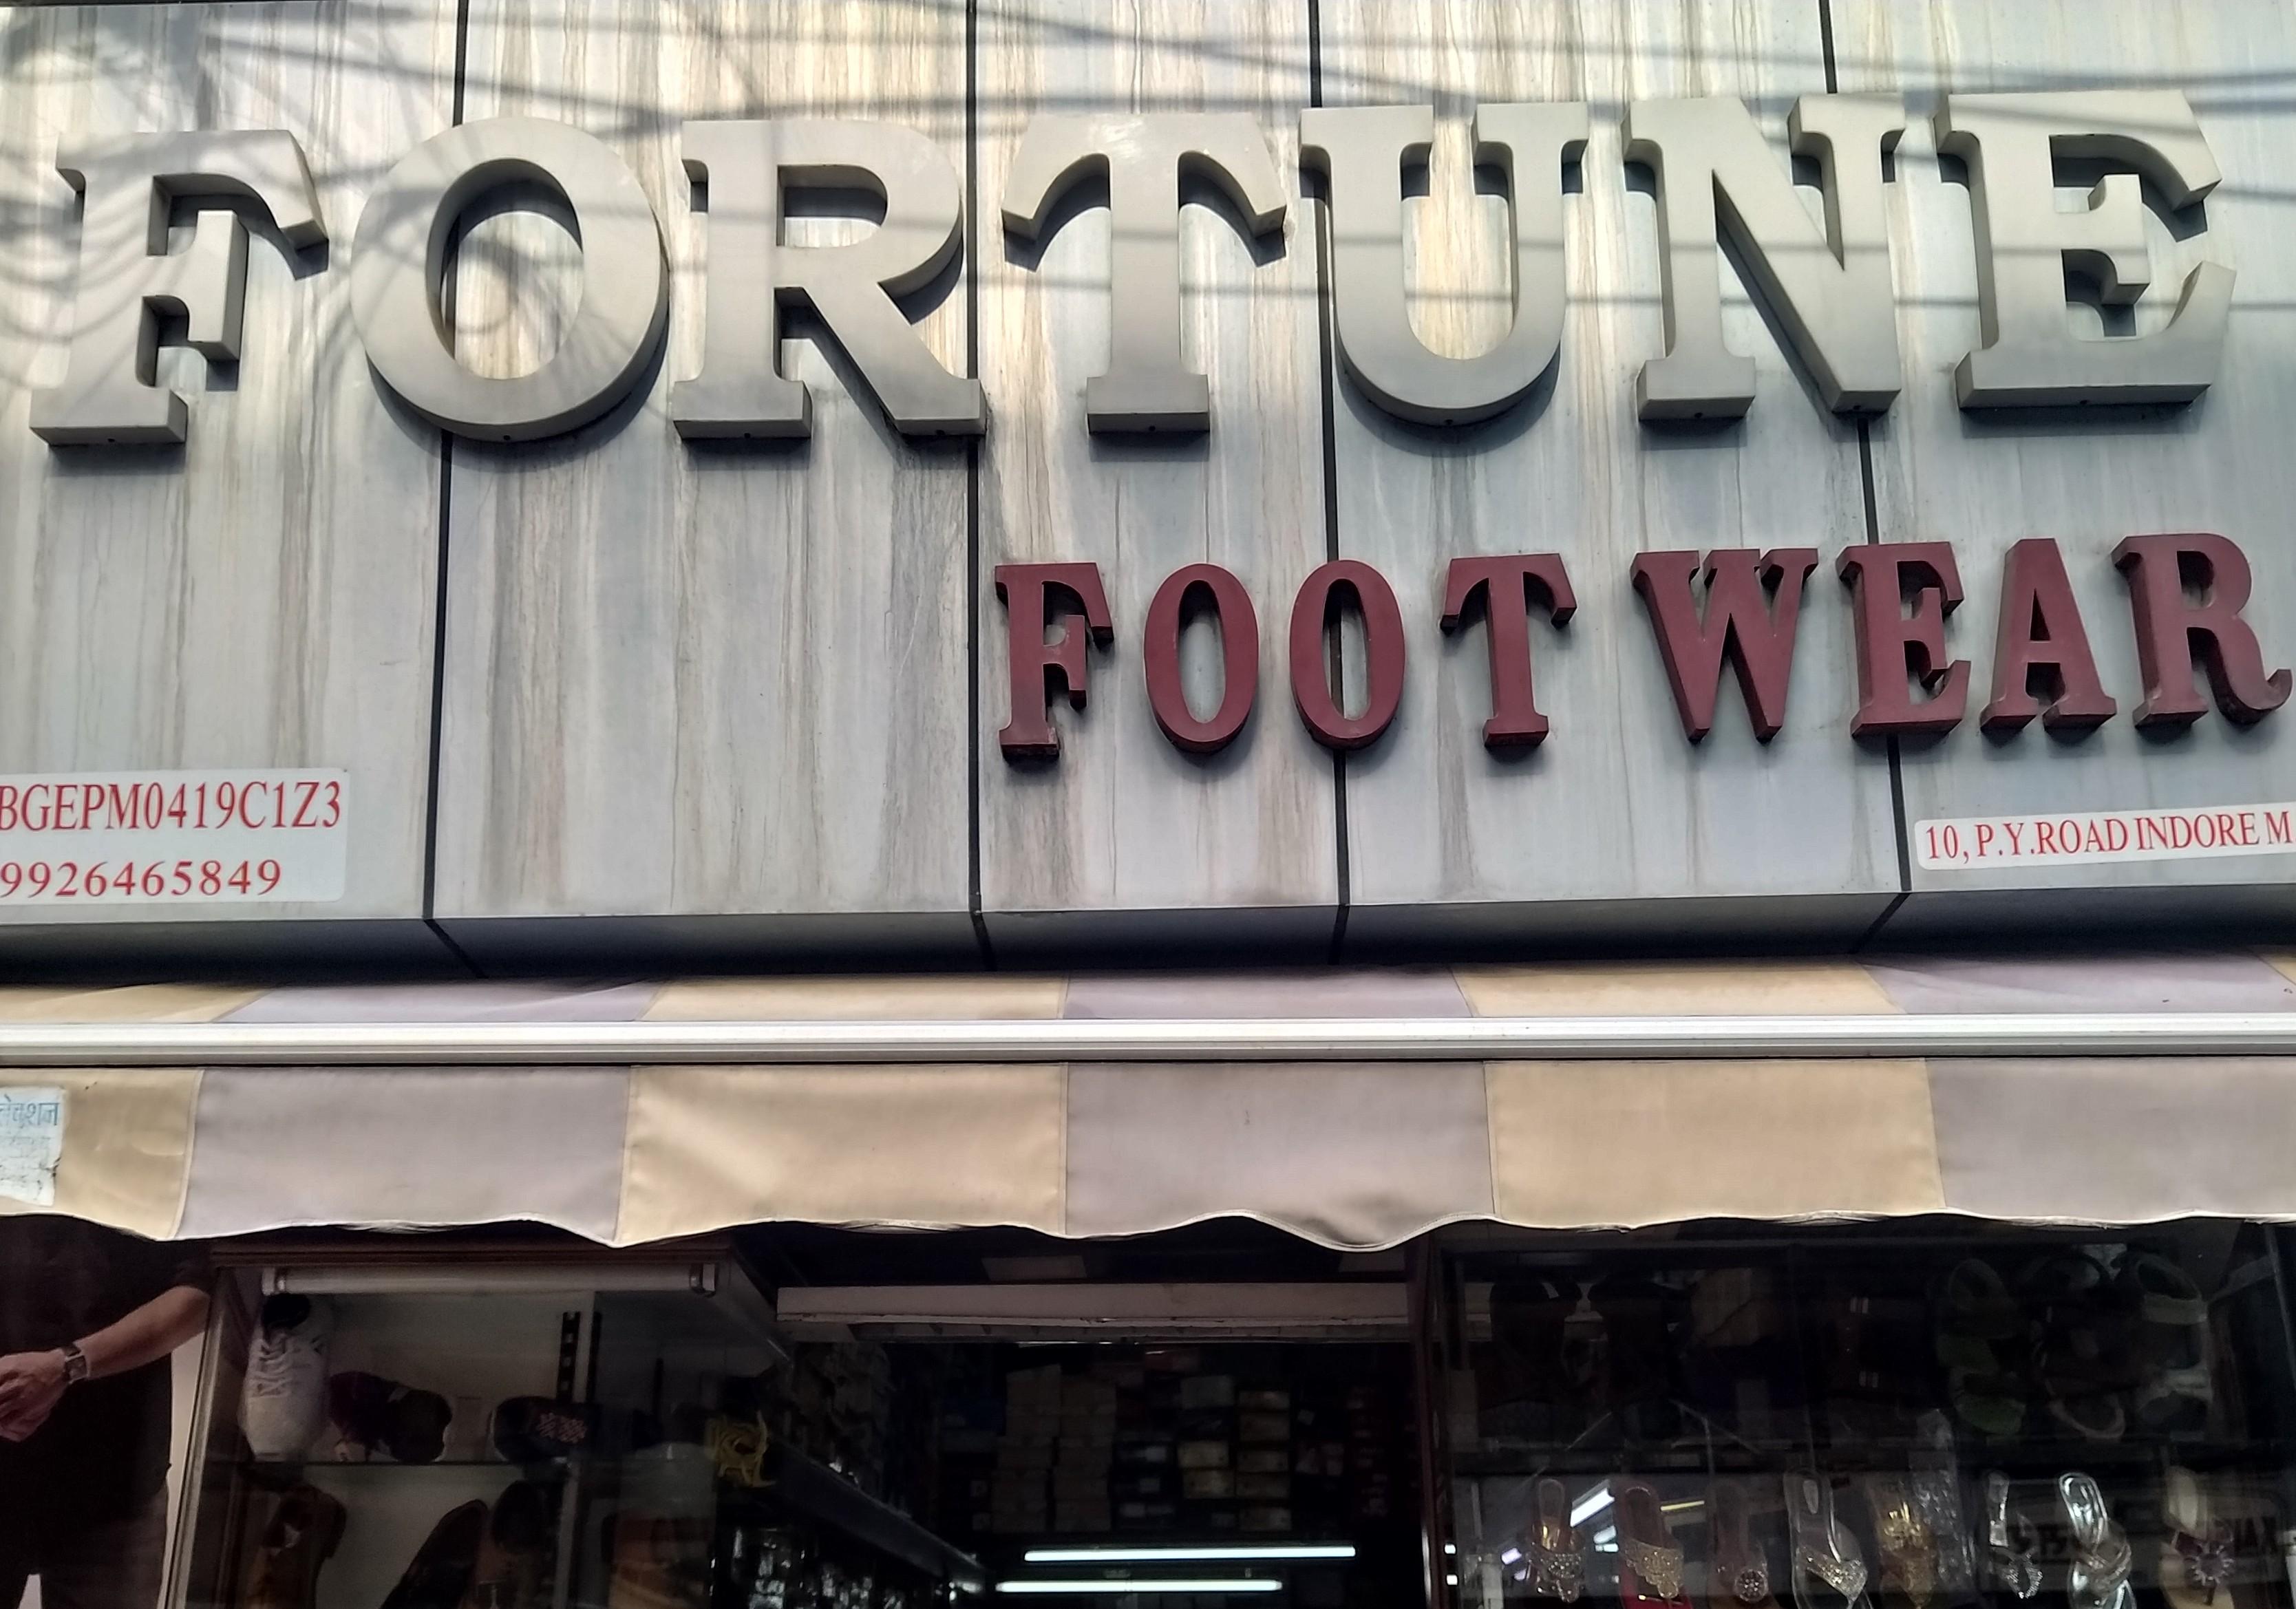 Fortune foot wear